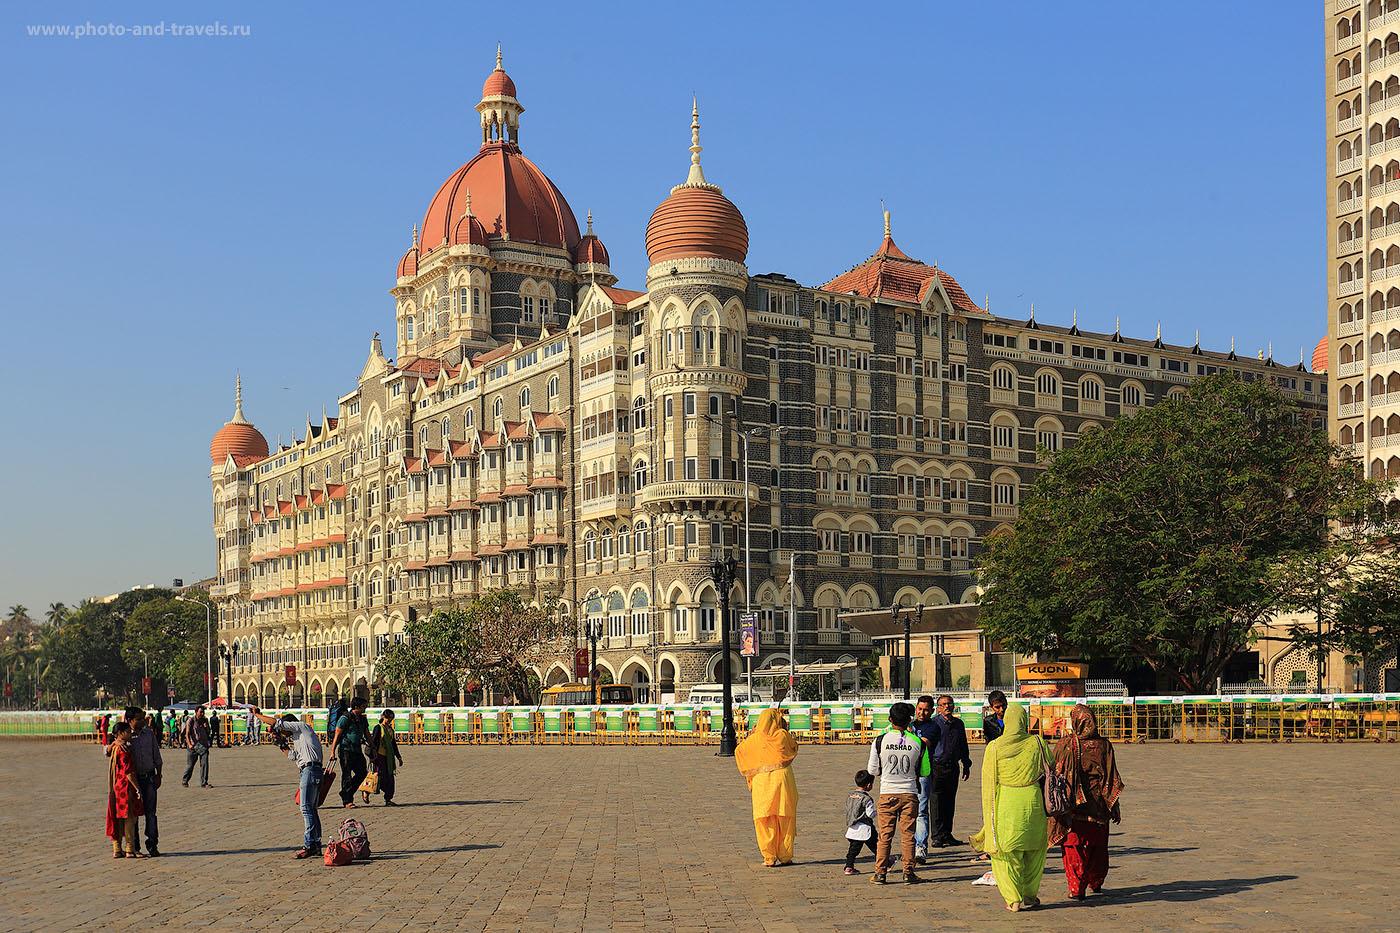 """Фотография 8. Знаменитый отель """"Тадж-Махал"""" в Мумбаи. Отчеты об экскурсиях. (Кэнон 6Д, объектив Кенон 17-40Л, настройки: 1/125, 8.0, ИСО 100, В=40)"""